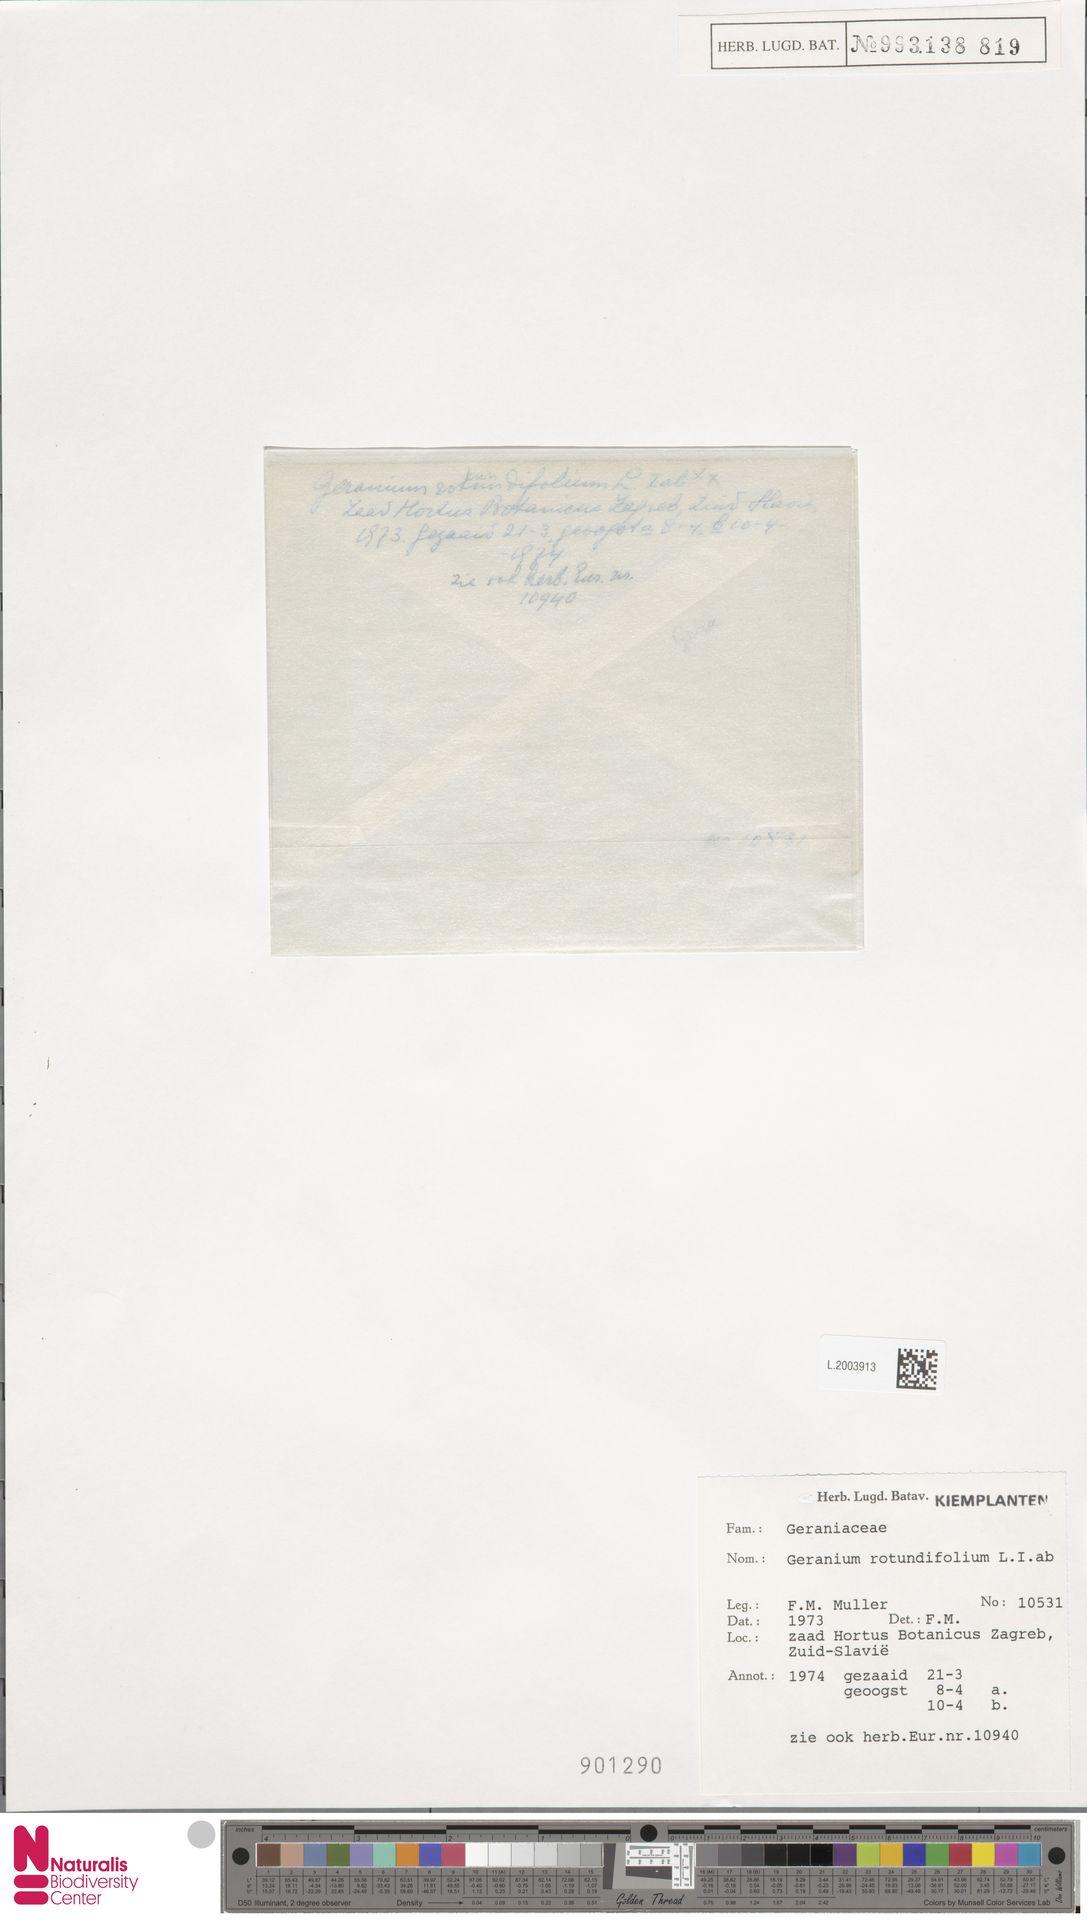 L.2003913   Geranium rotundifolium L.